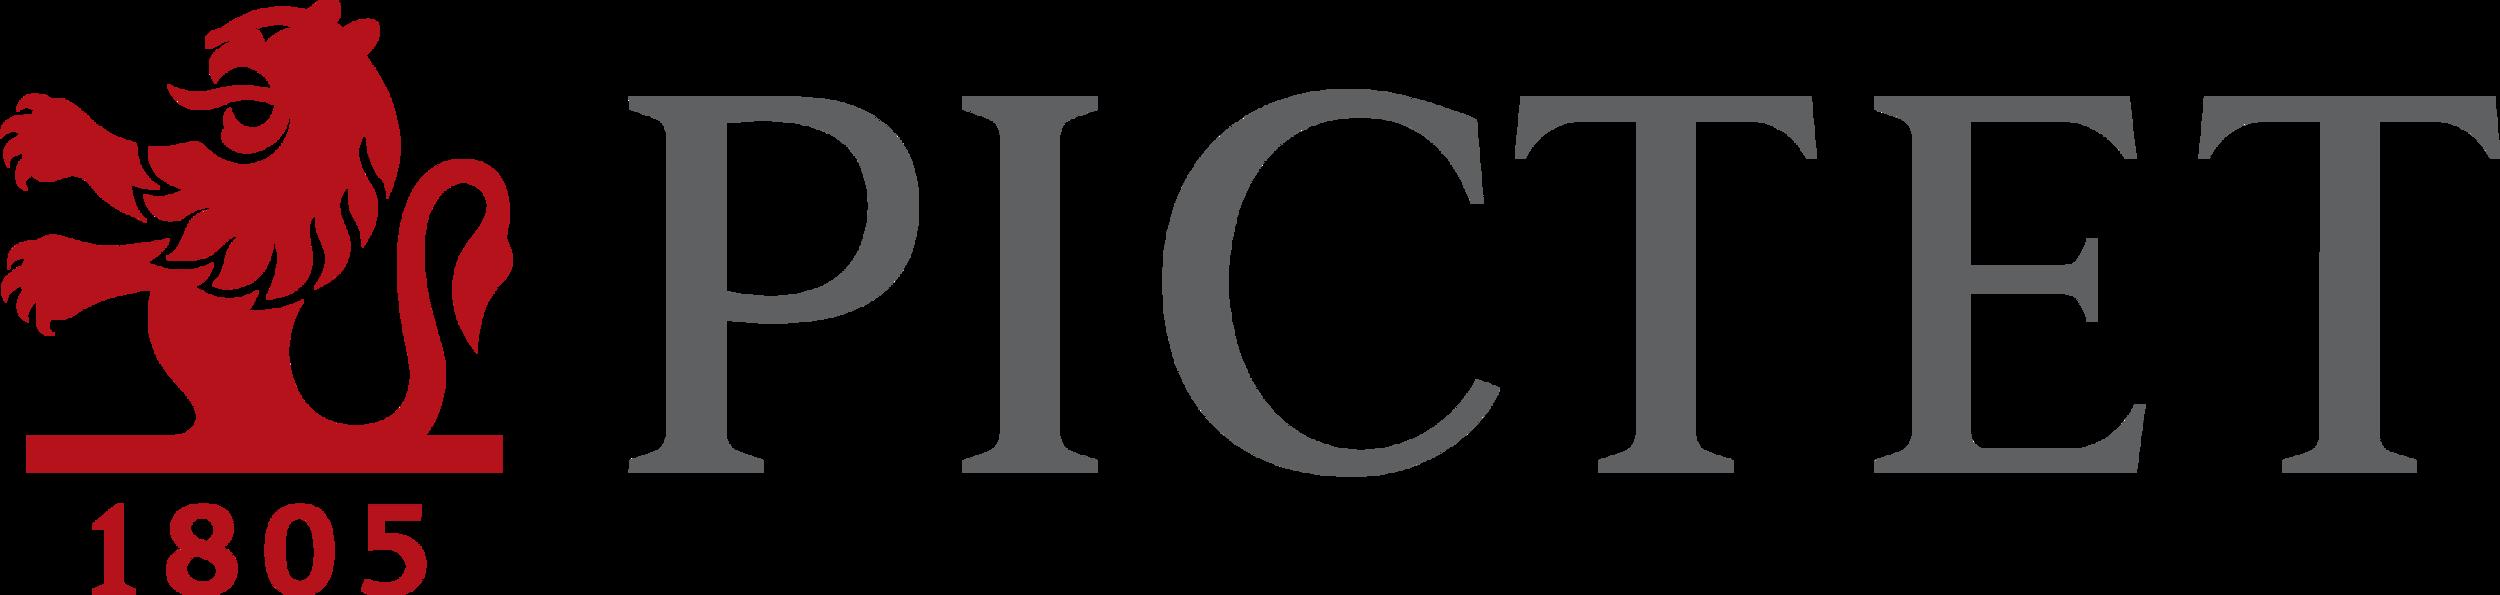 Pictet 2015 - Logo Color - TIF CMYK 300dpi.png